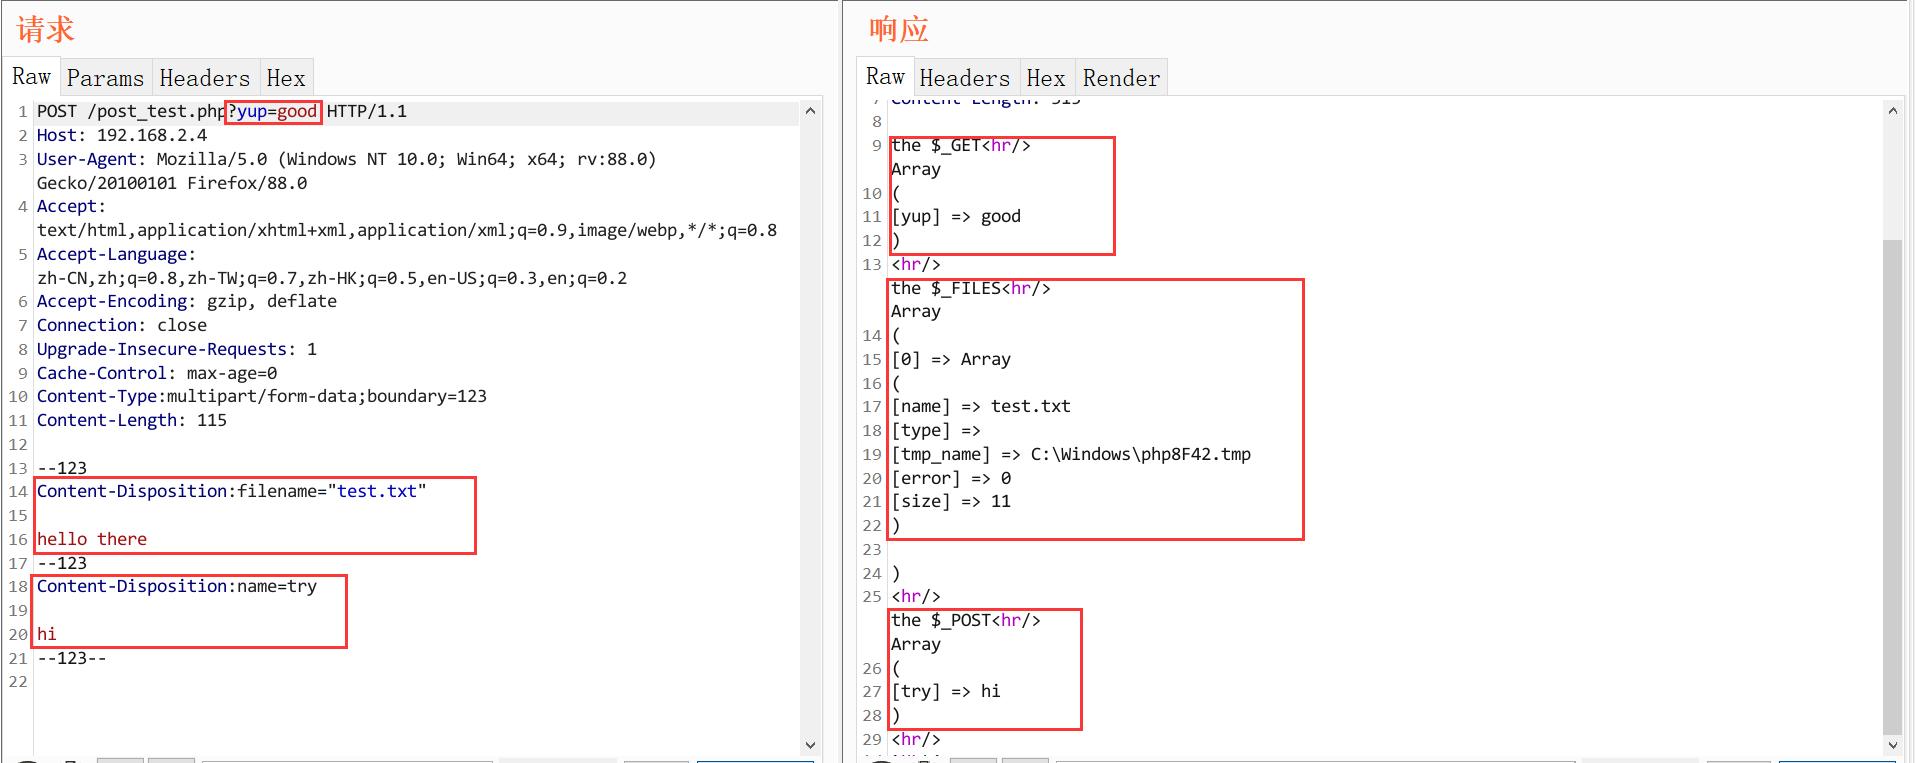 如何在Brupsuite中将一个GET数据包修改为POST数据包